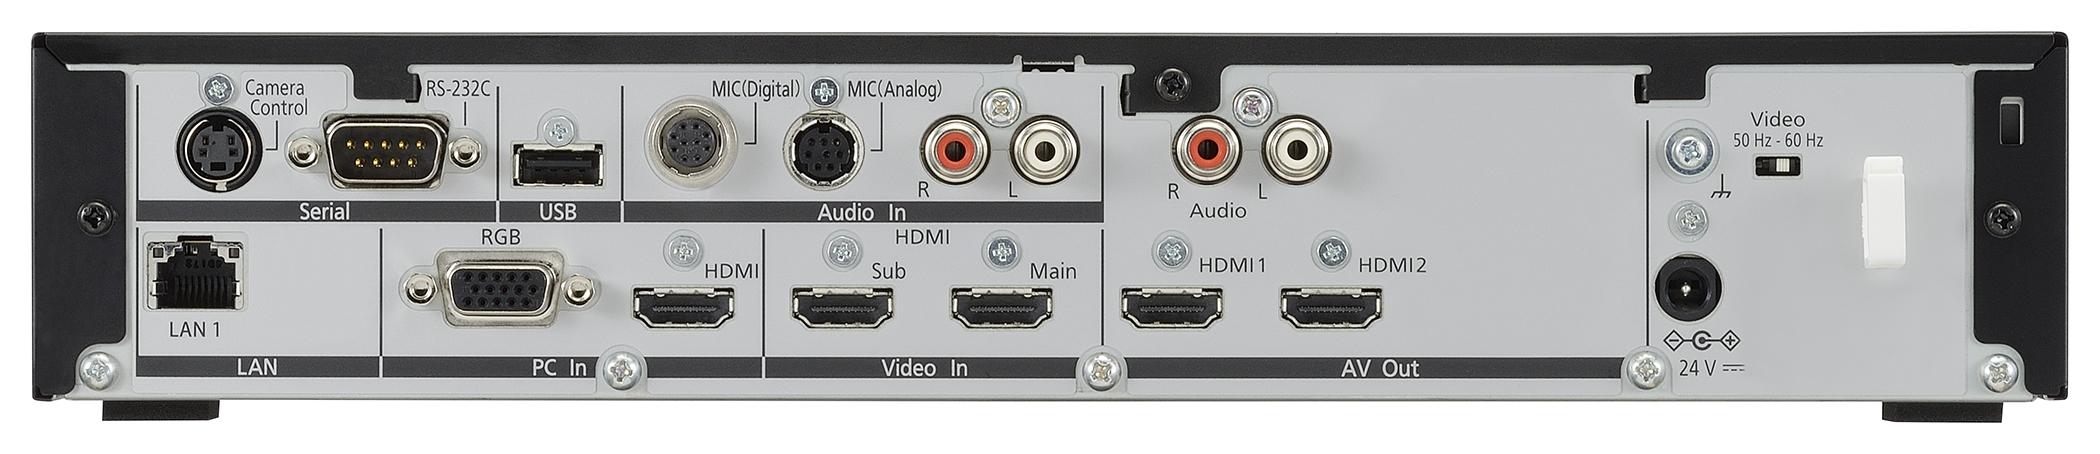 KX VC1300 03 Комплект KX VC1300